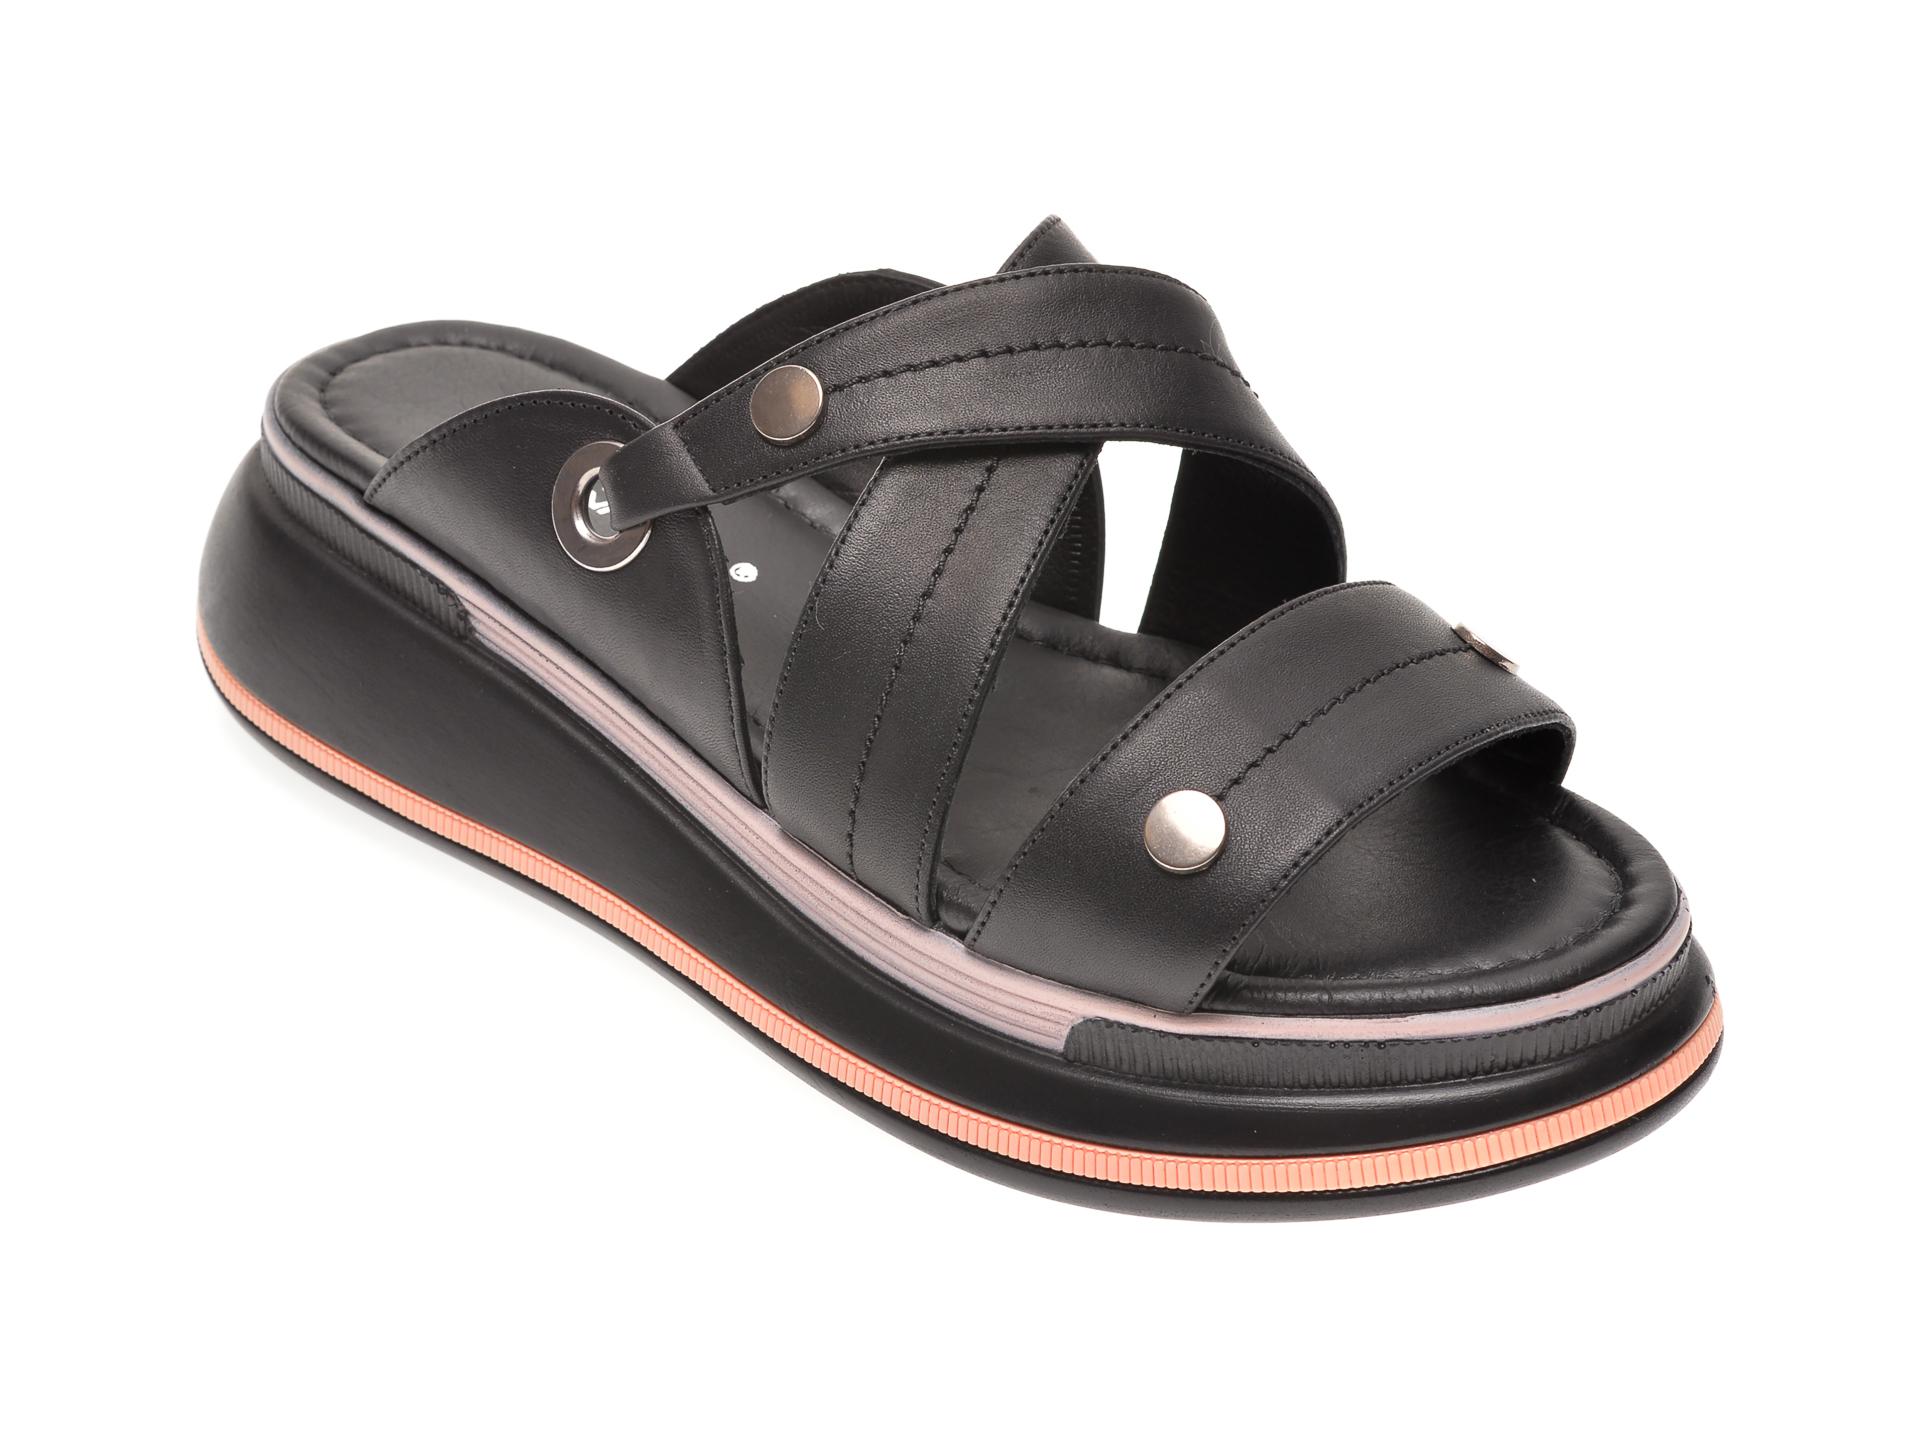 Papuci PERA DONNA negri, 2386, din piele naturala